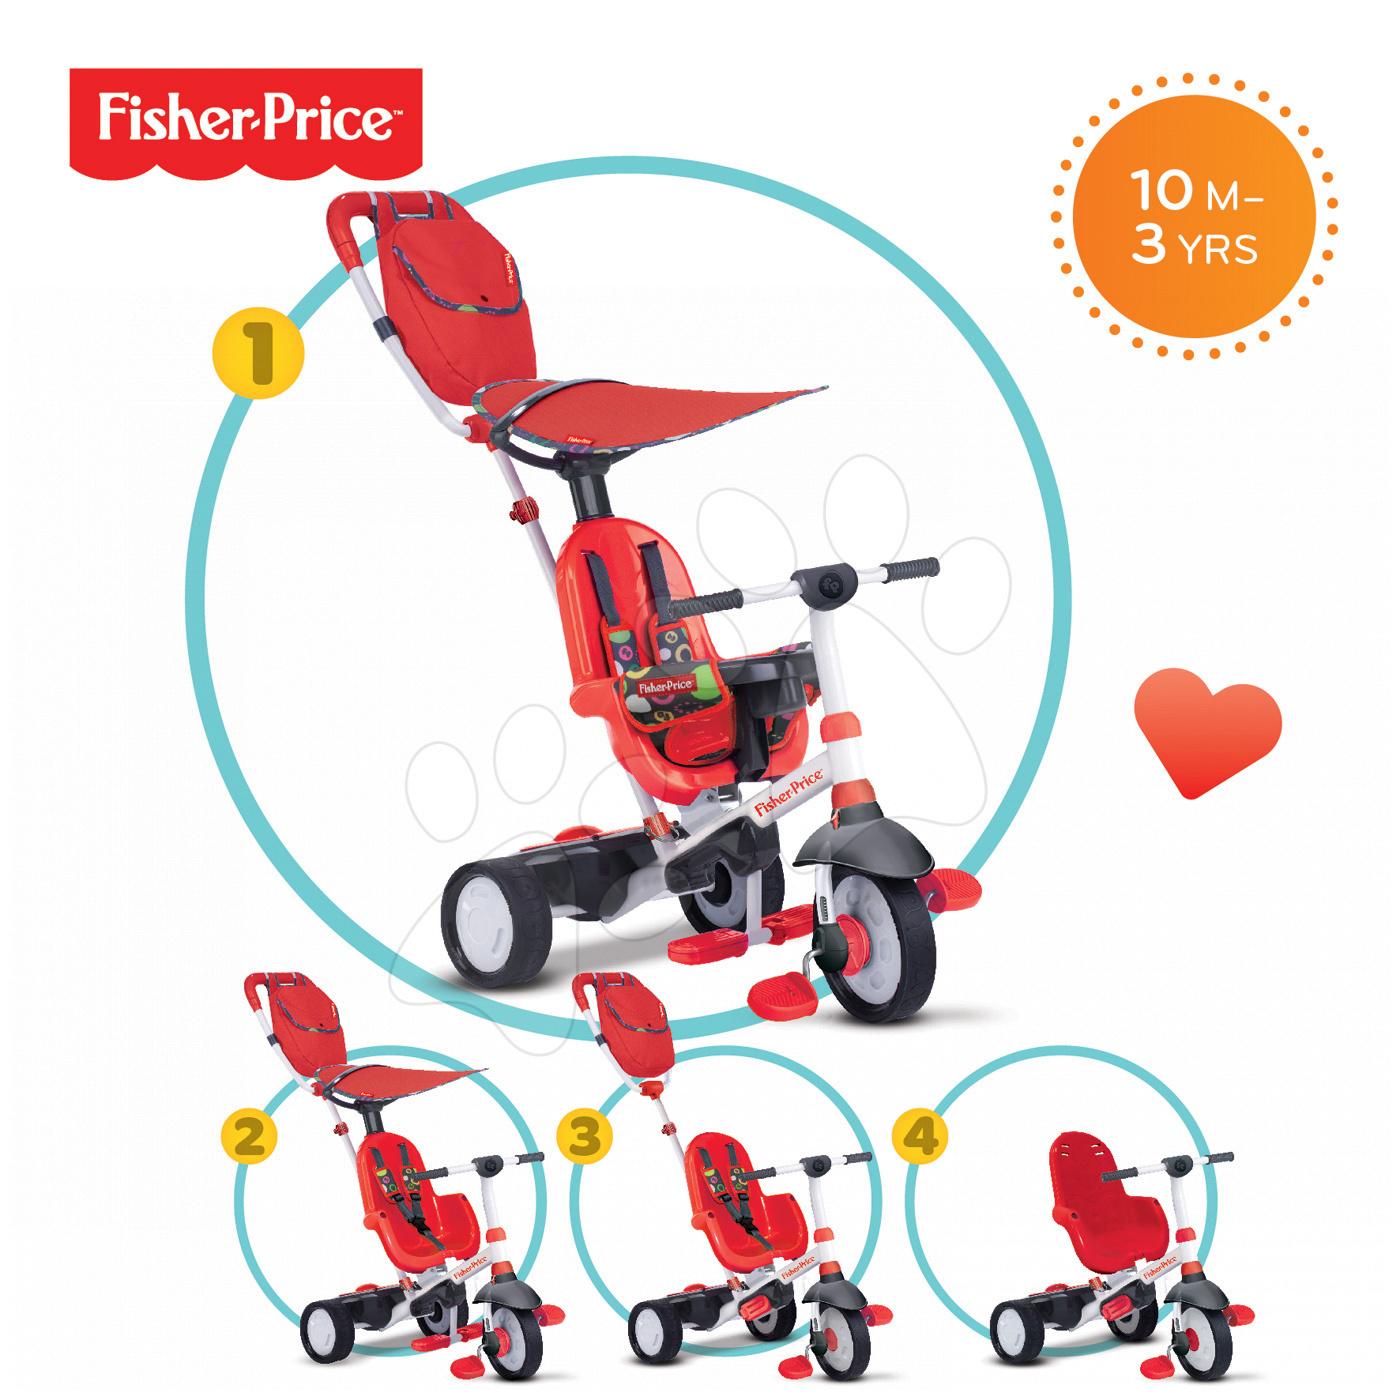 Tříkolka Fisher-Price Charisma Touch Steering smarTrike červená od 10 měsíců